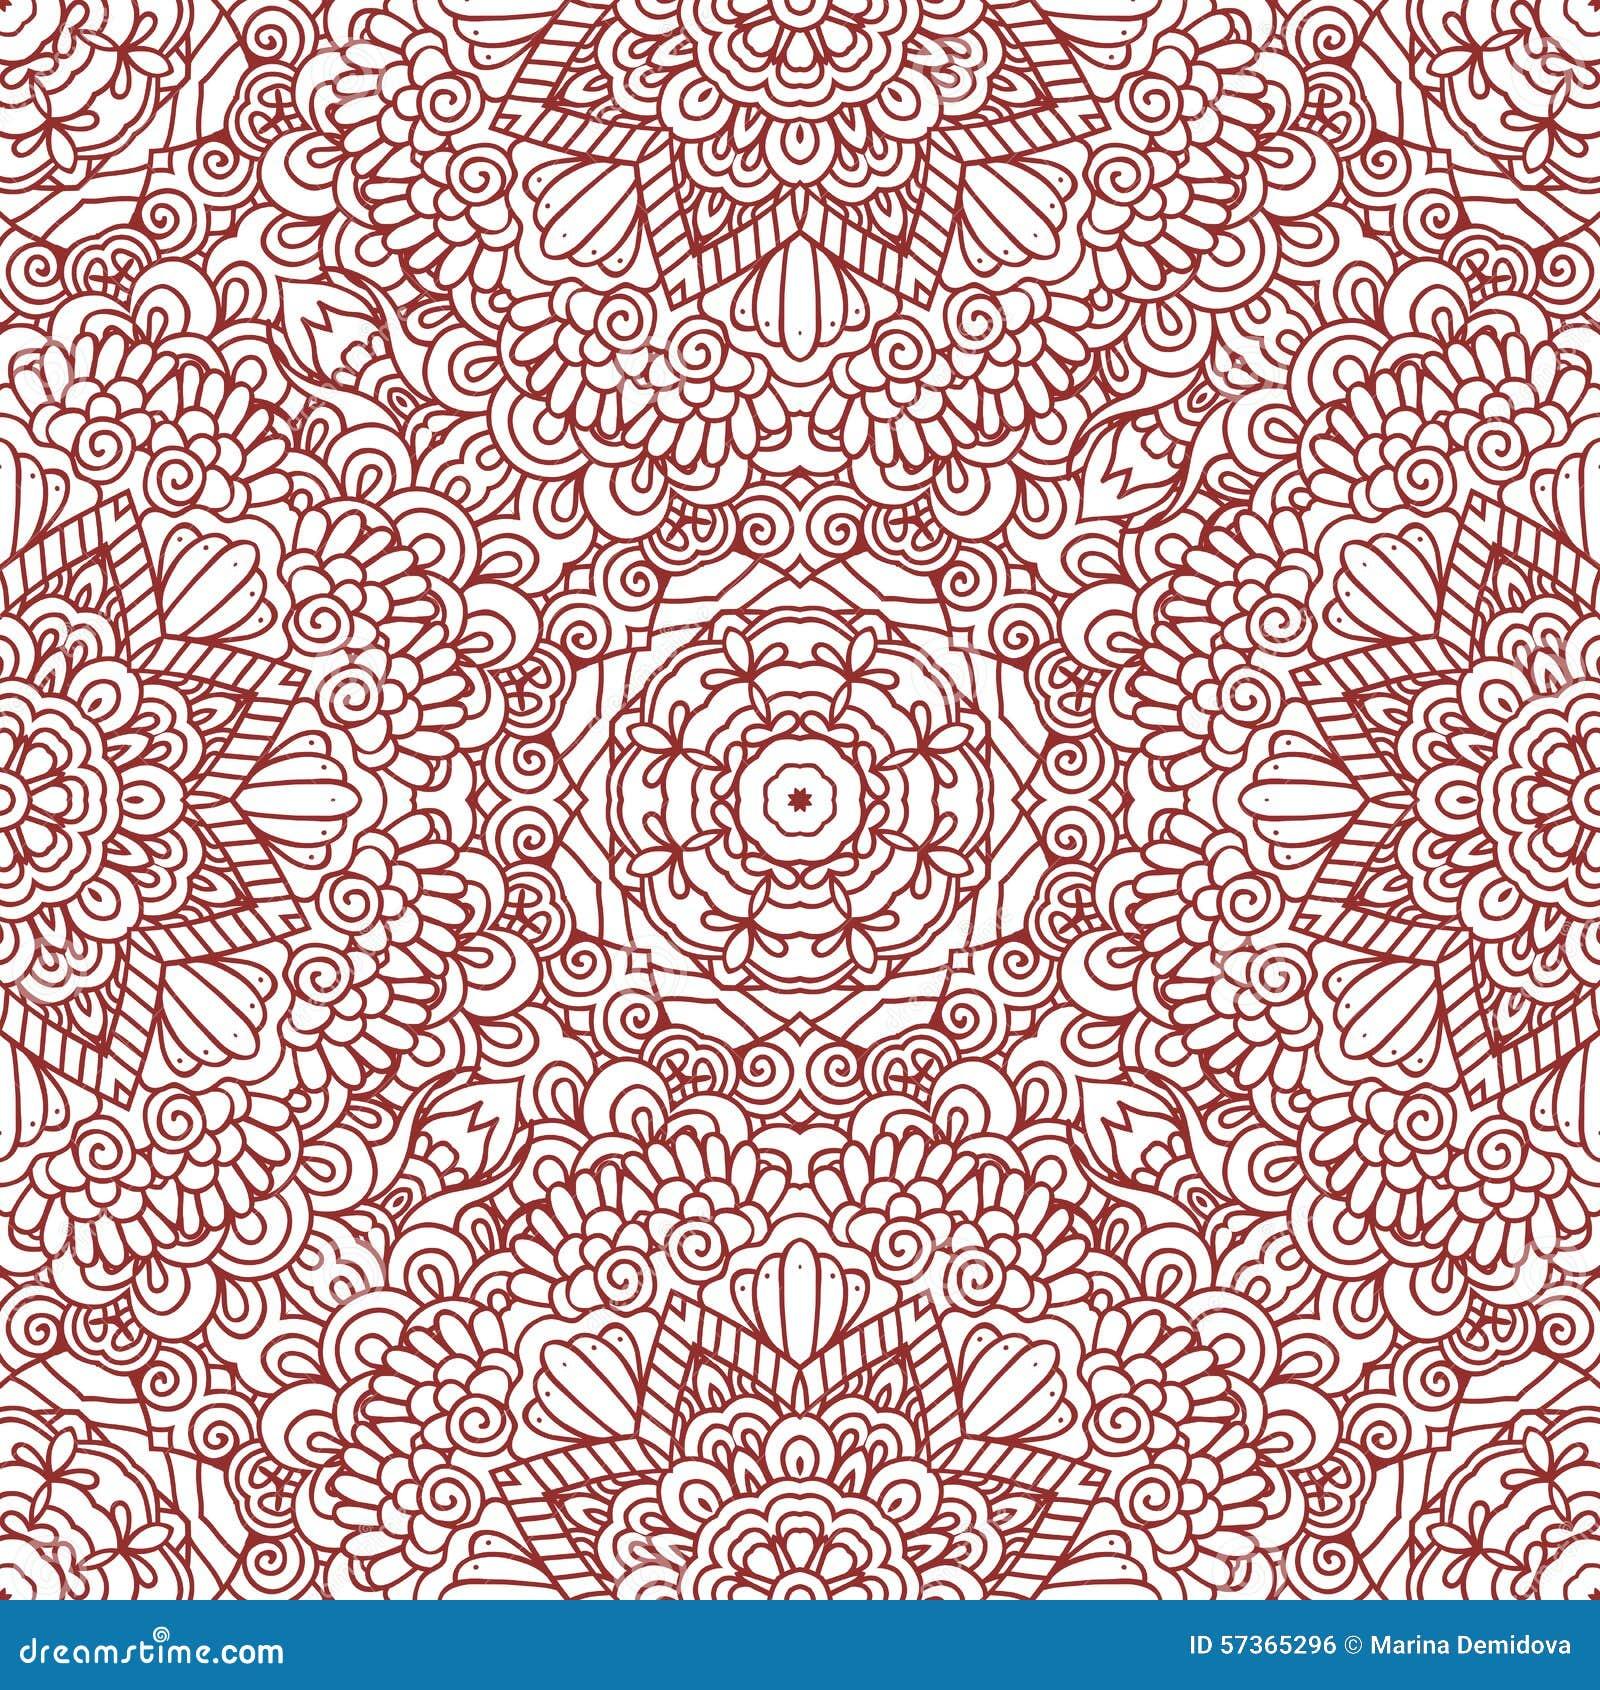 Mehndi Henna Design Seamless Pattern Stock Vector Illustration Of